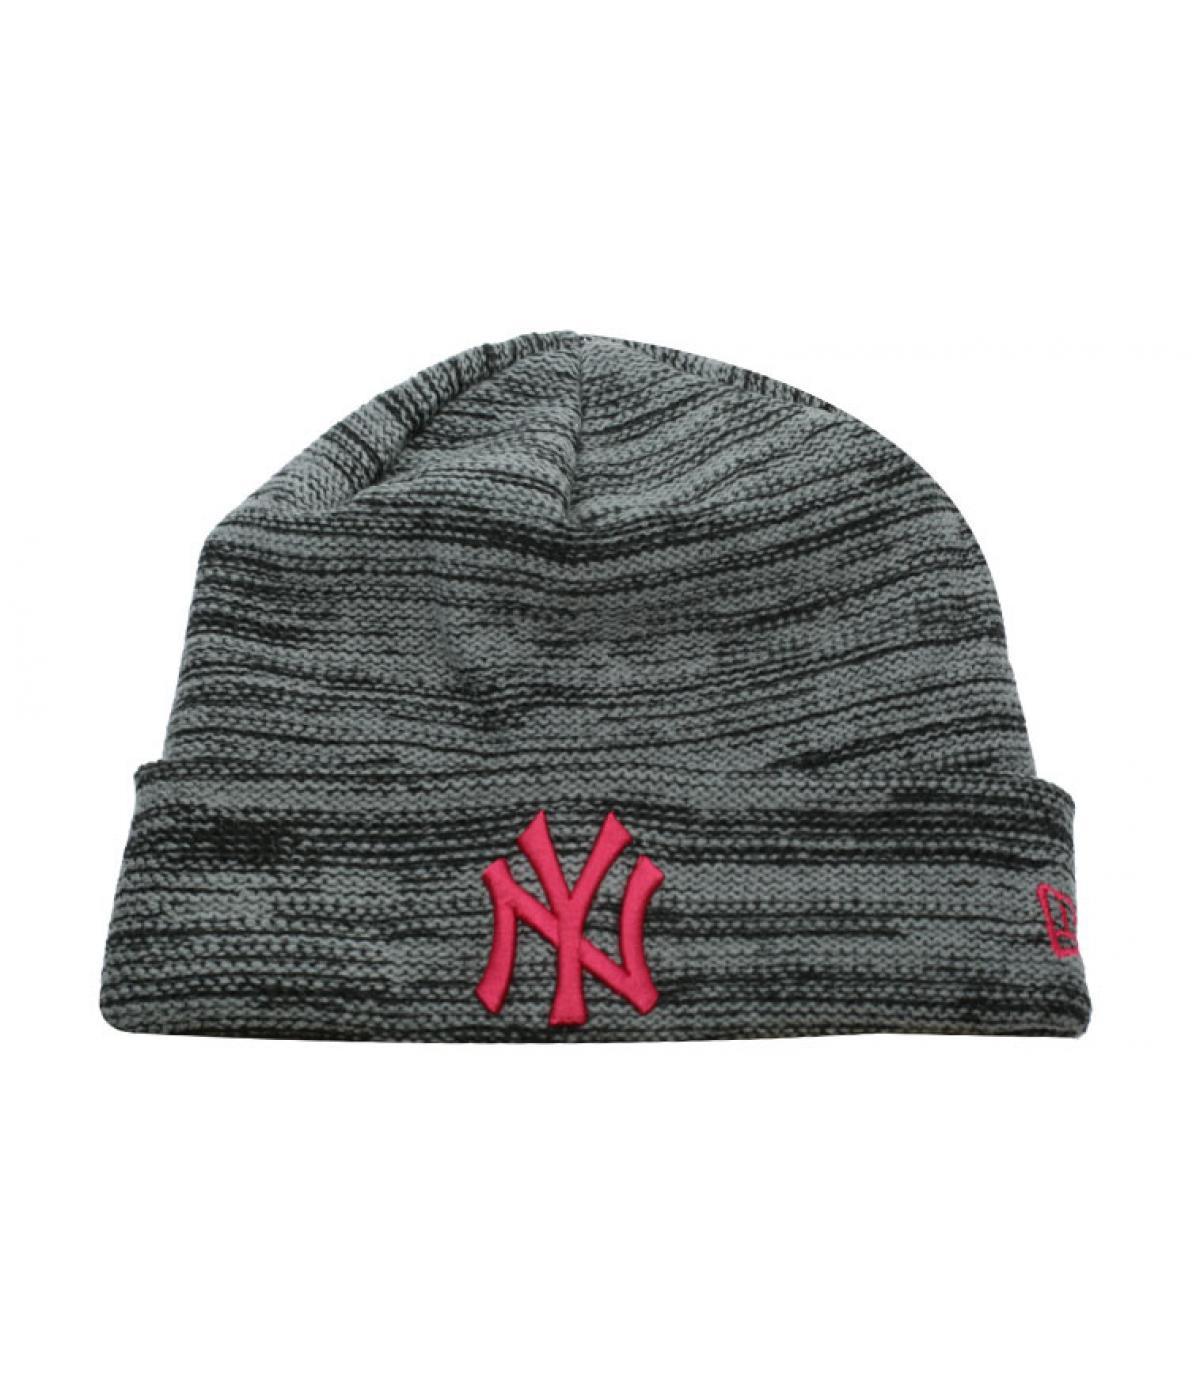 bonnet gris rose NY